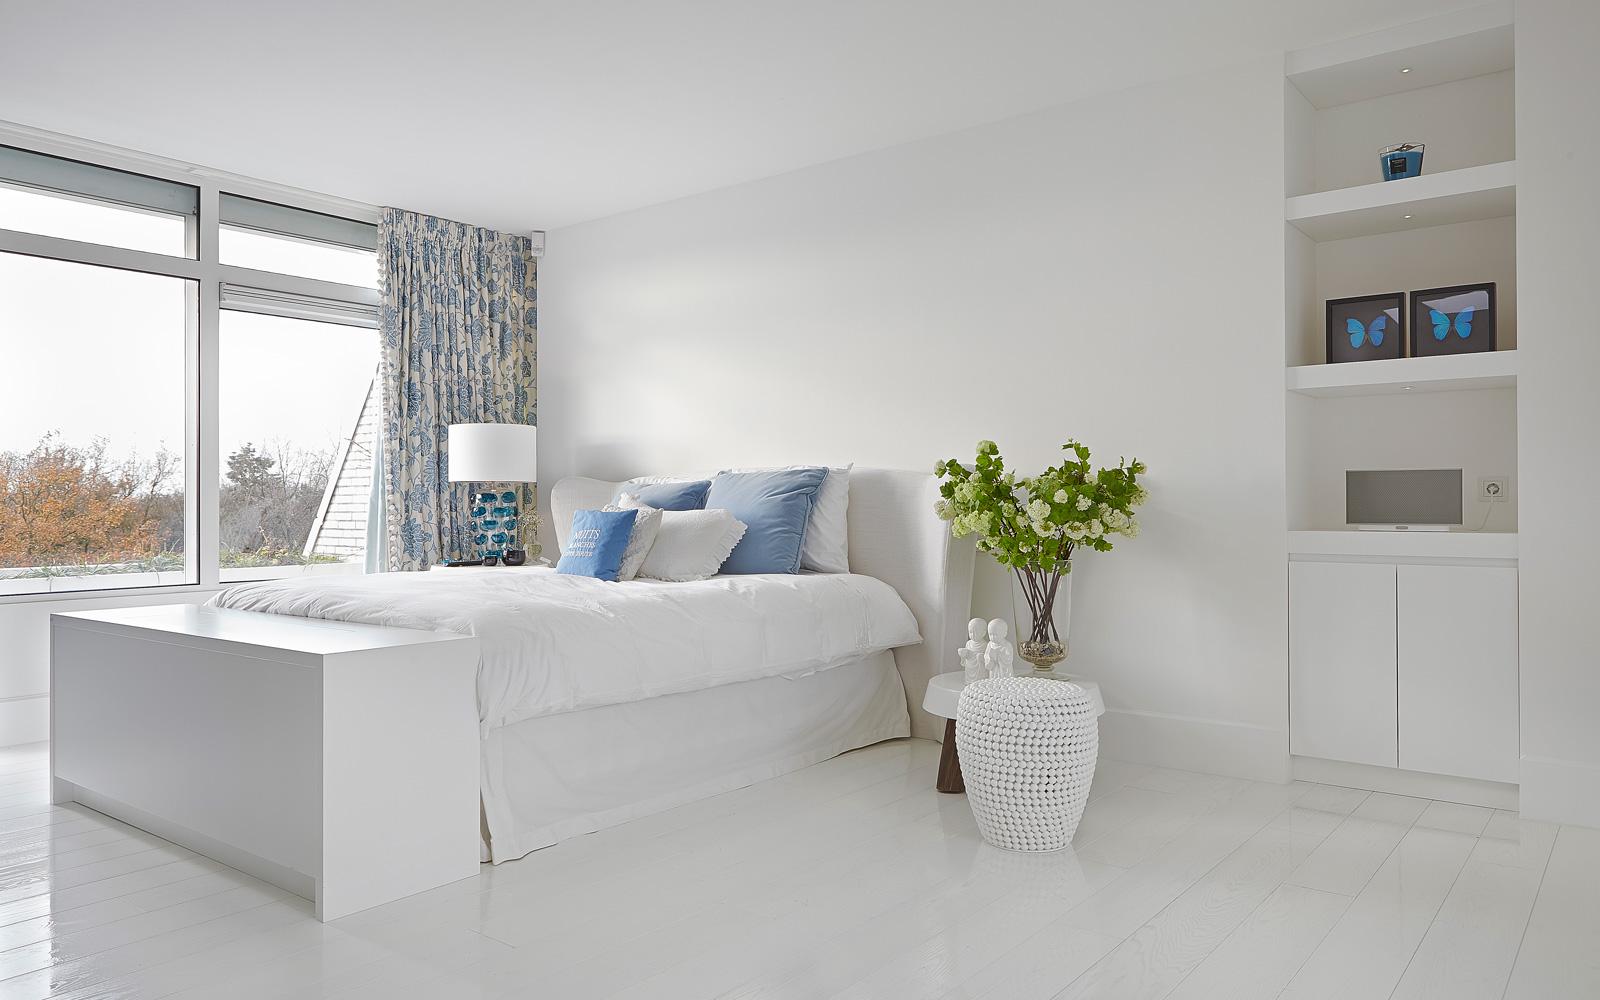 Slaapkamer, houten vloer door Van der Putten Chateauvloeren